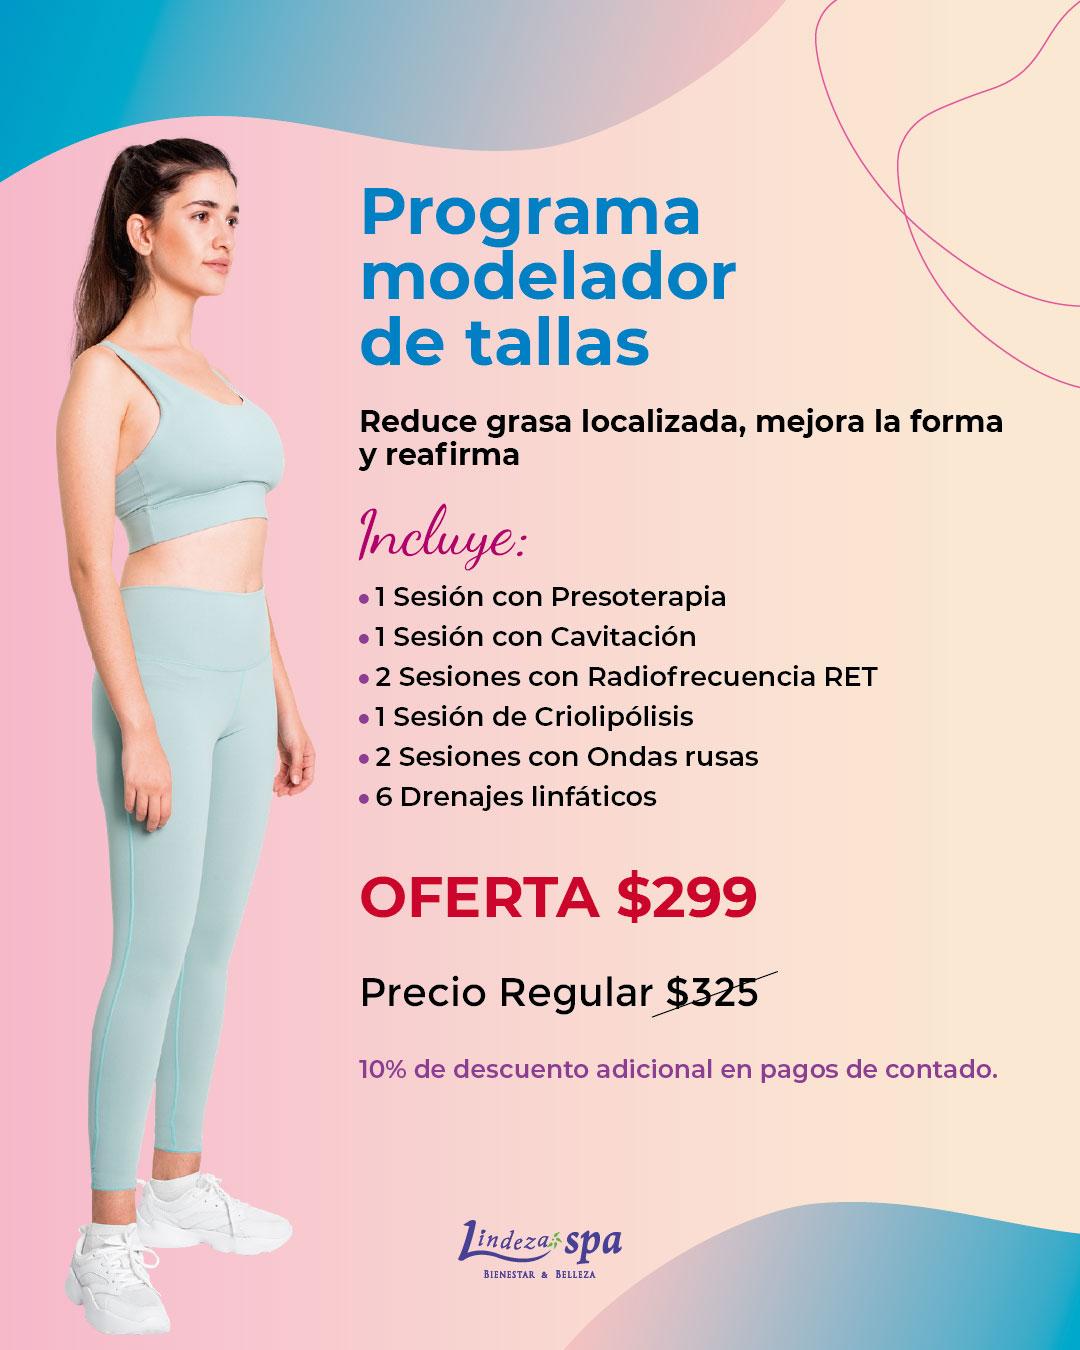 tratamiento reductor, spa en Guayaquil, drenaje linfático, presoterapia, radiofrecuencia RET